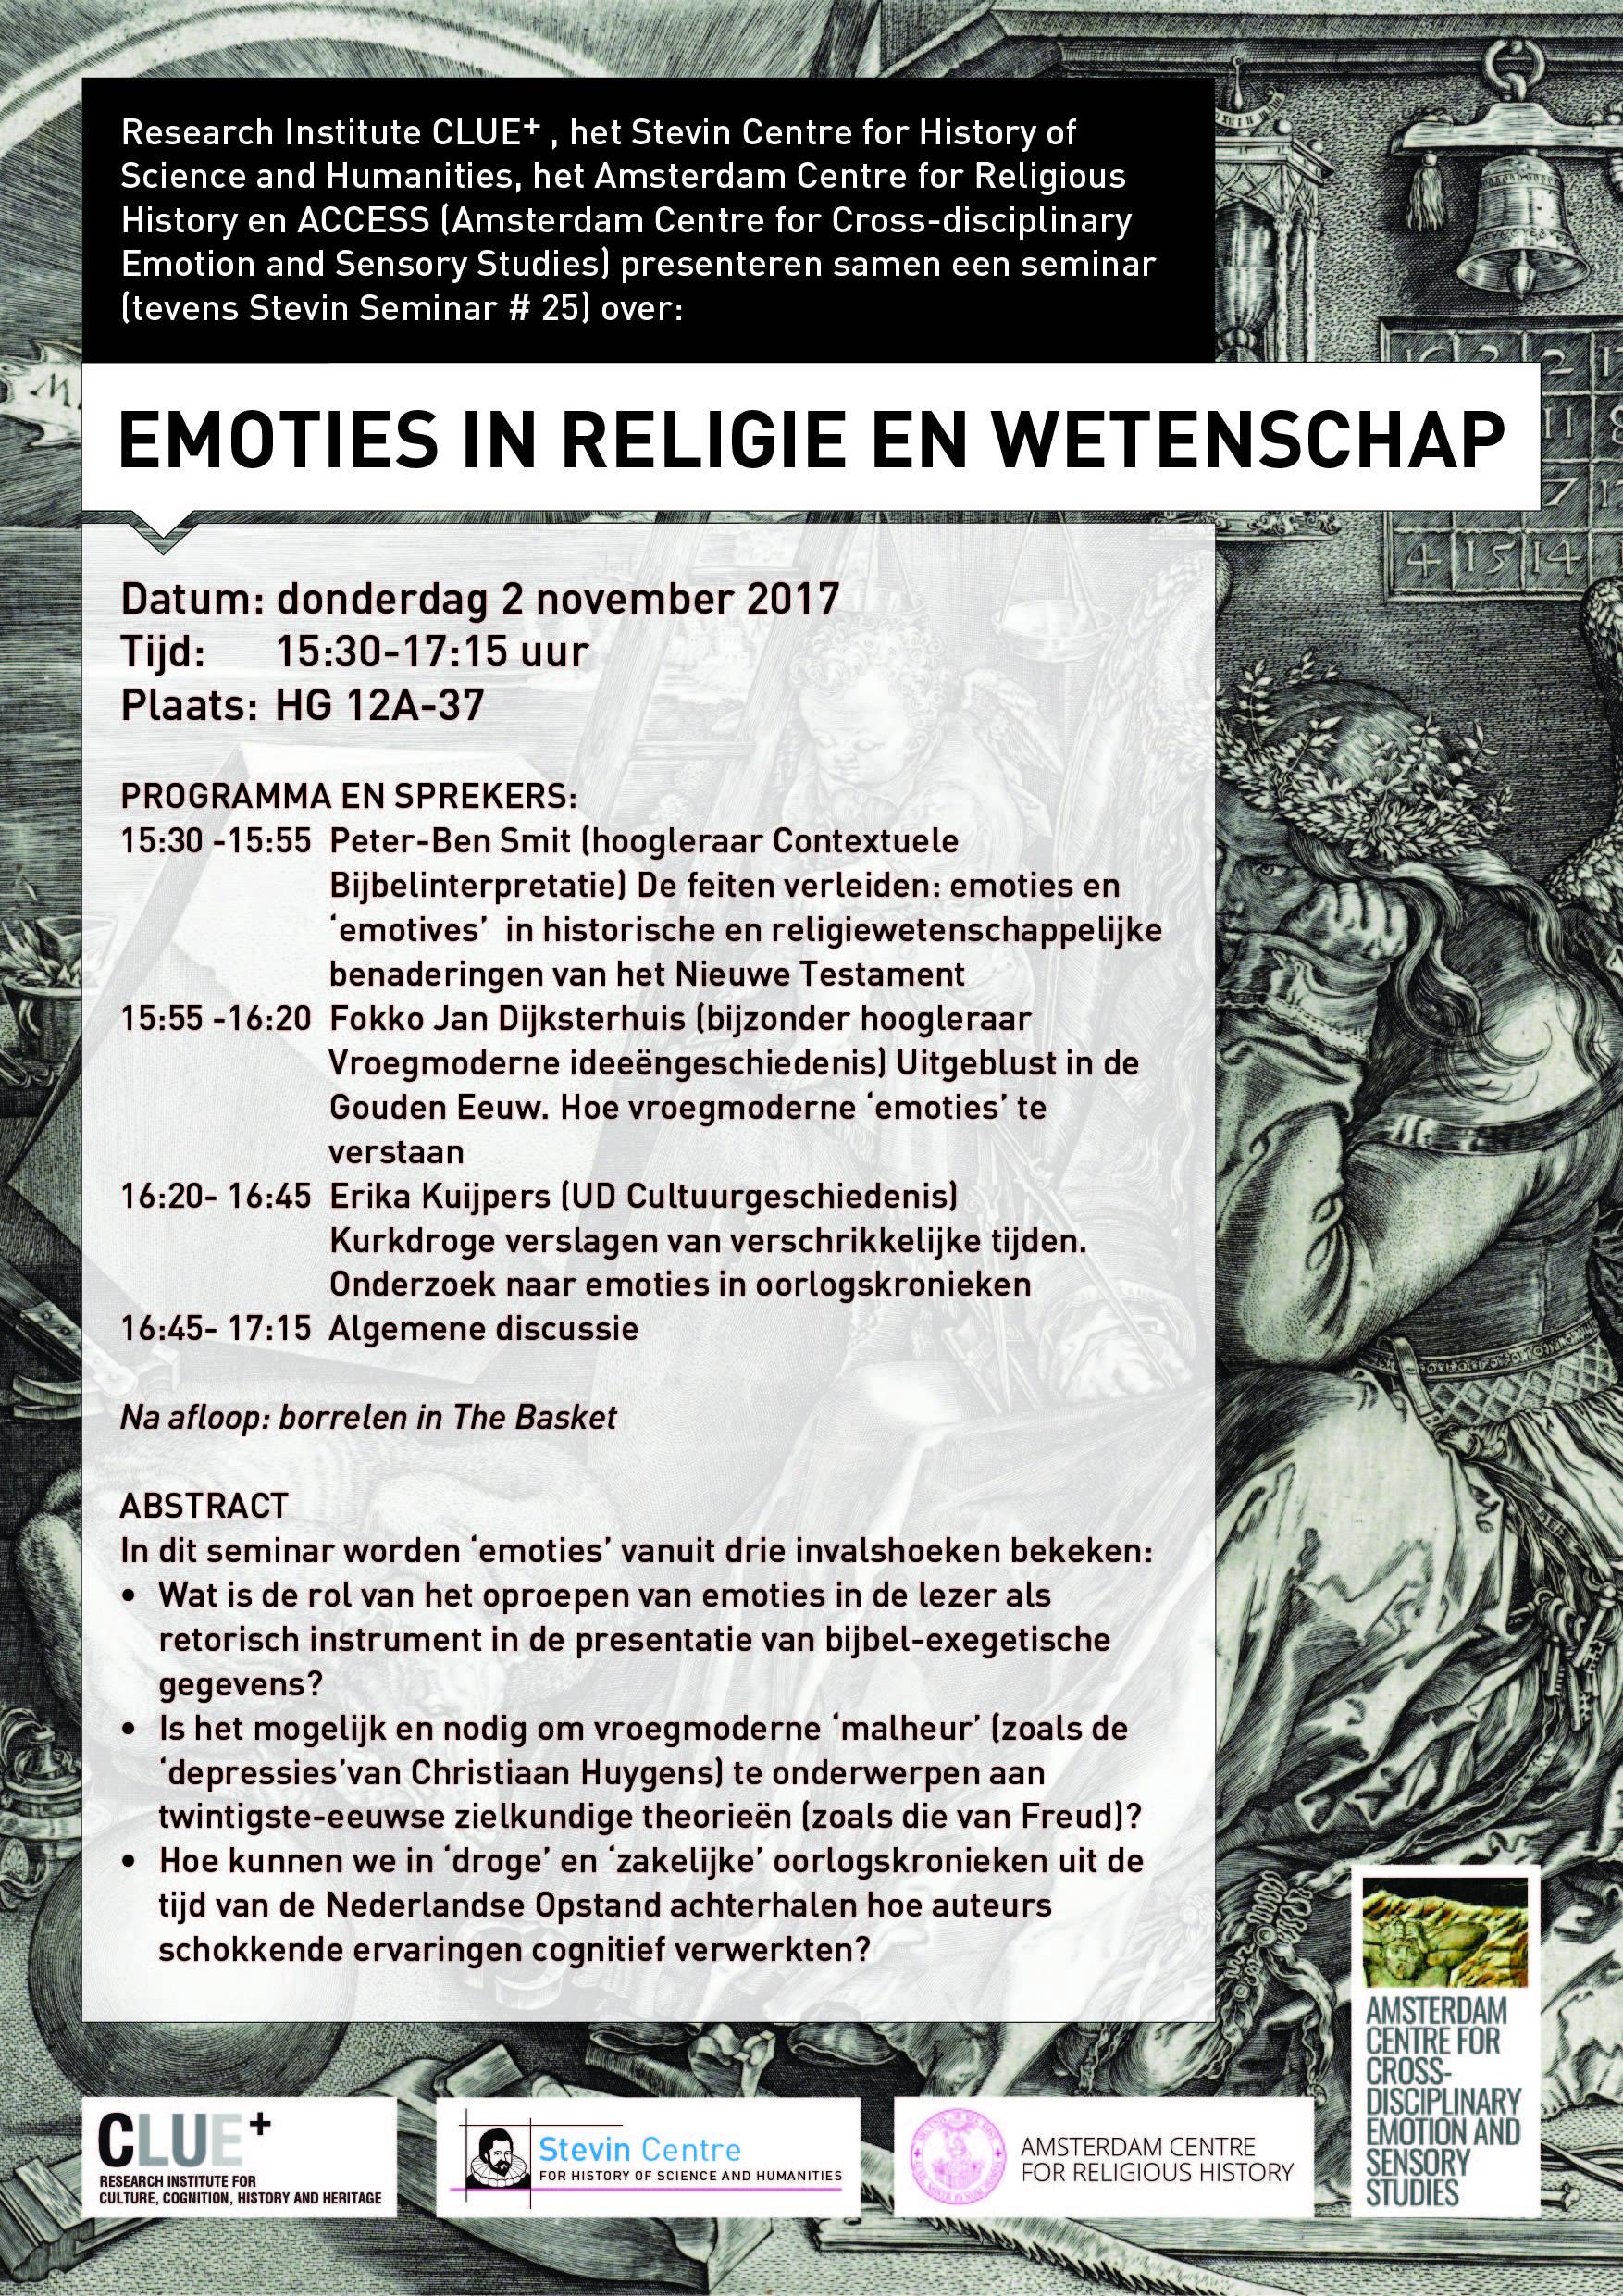 poster-simon-stevin-centre-seminar-emoties-religies-in-wetenschap-01-1